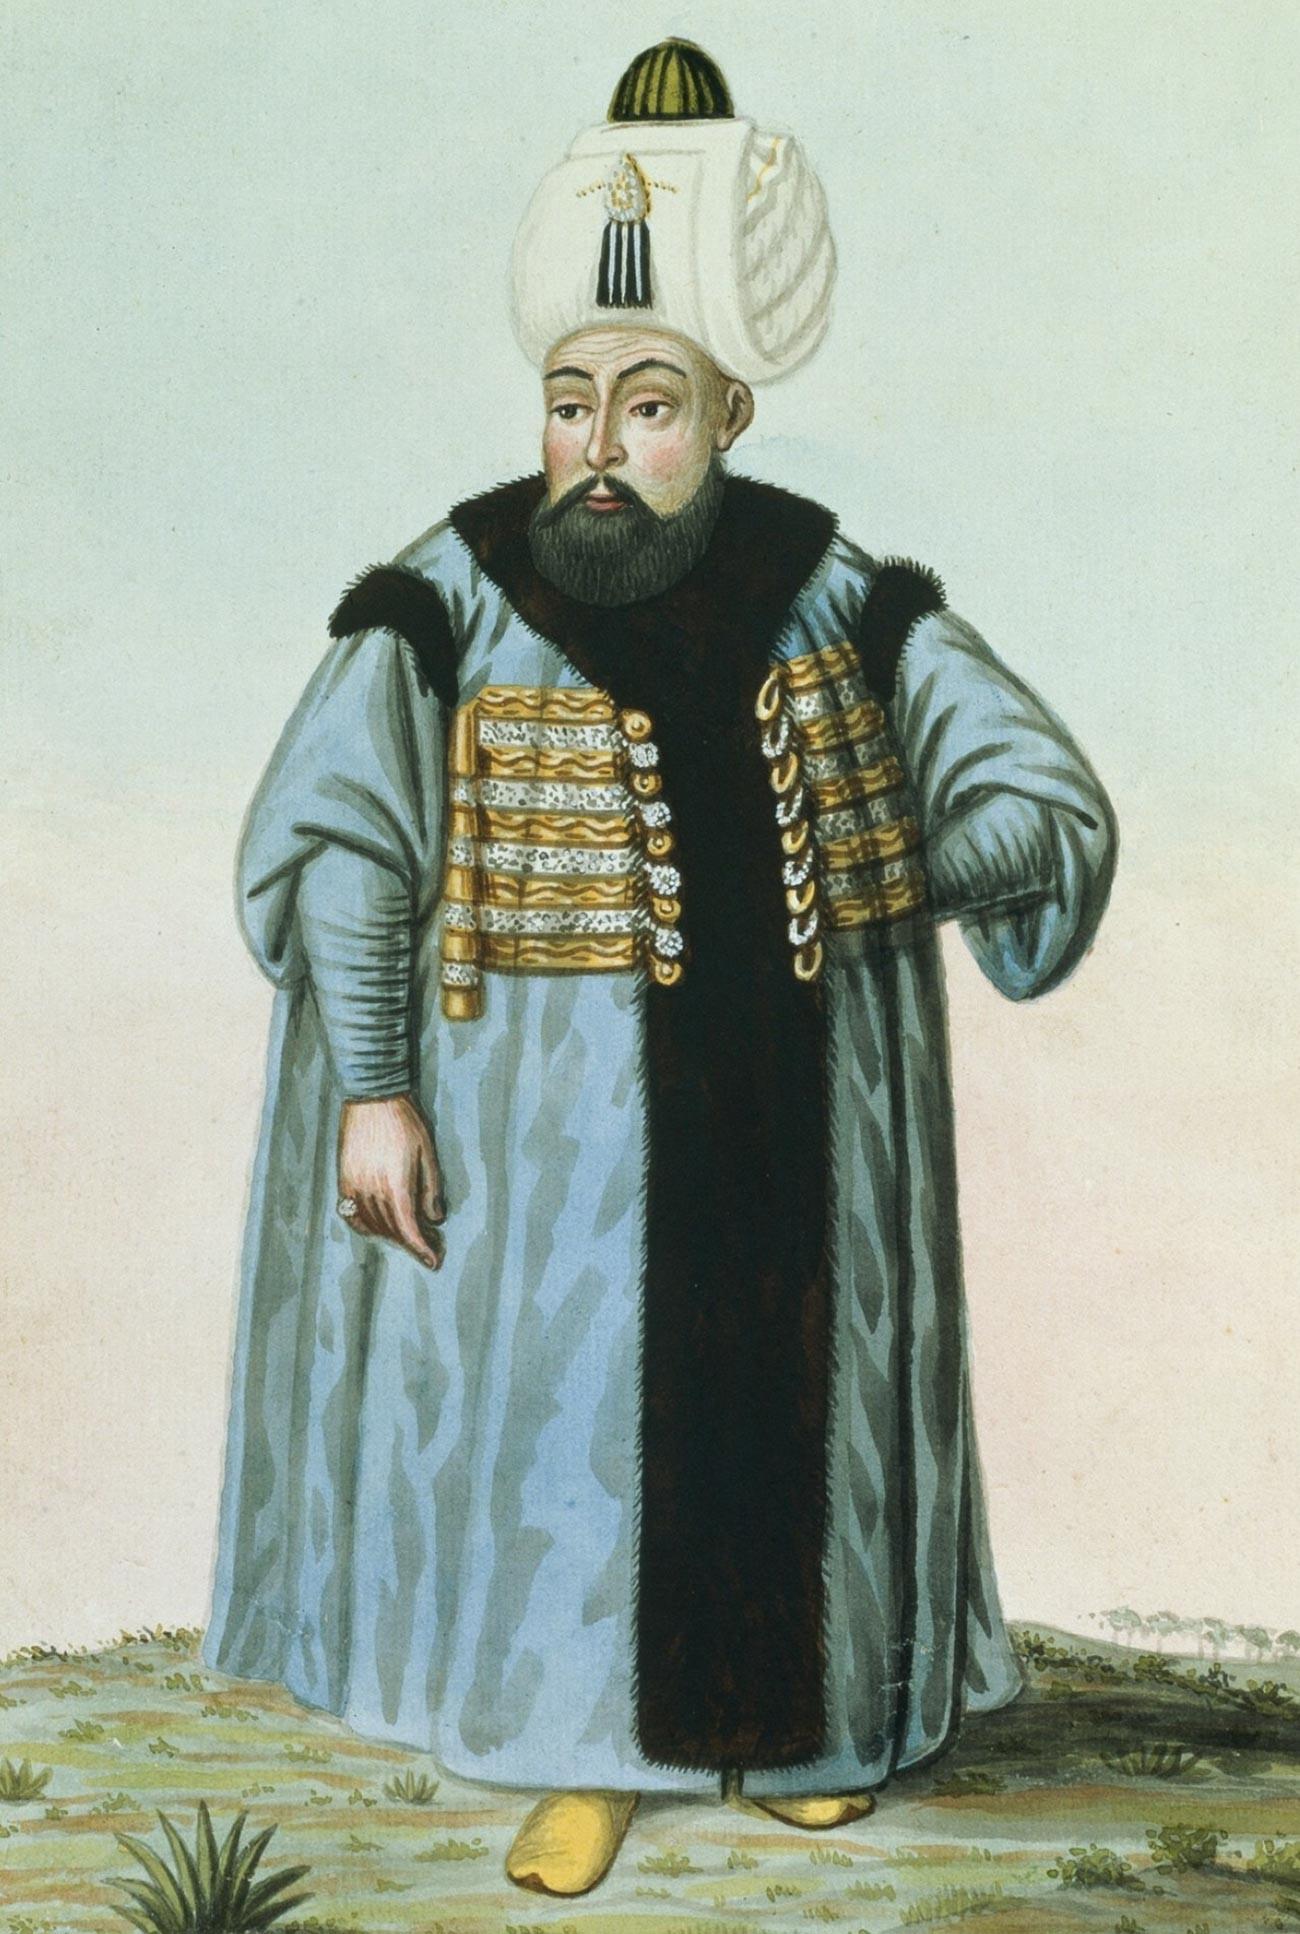 Retrato de Selim II, sultão do Império Otomano (1566-1574).